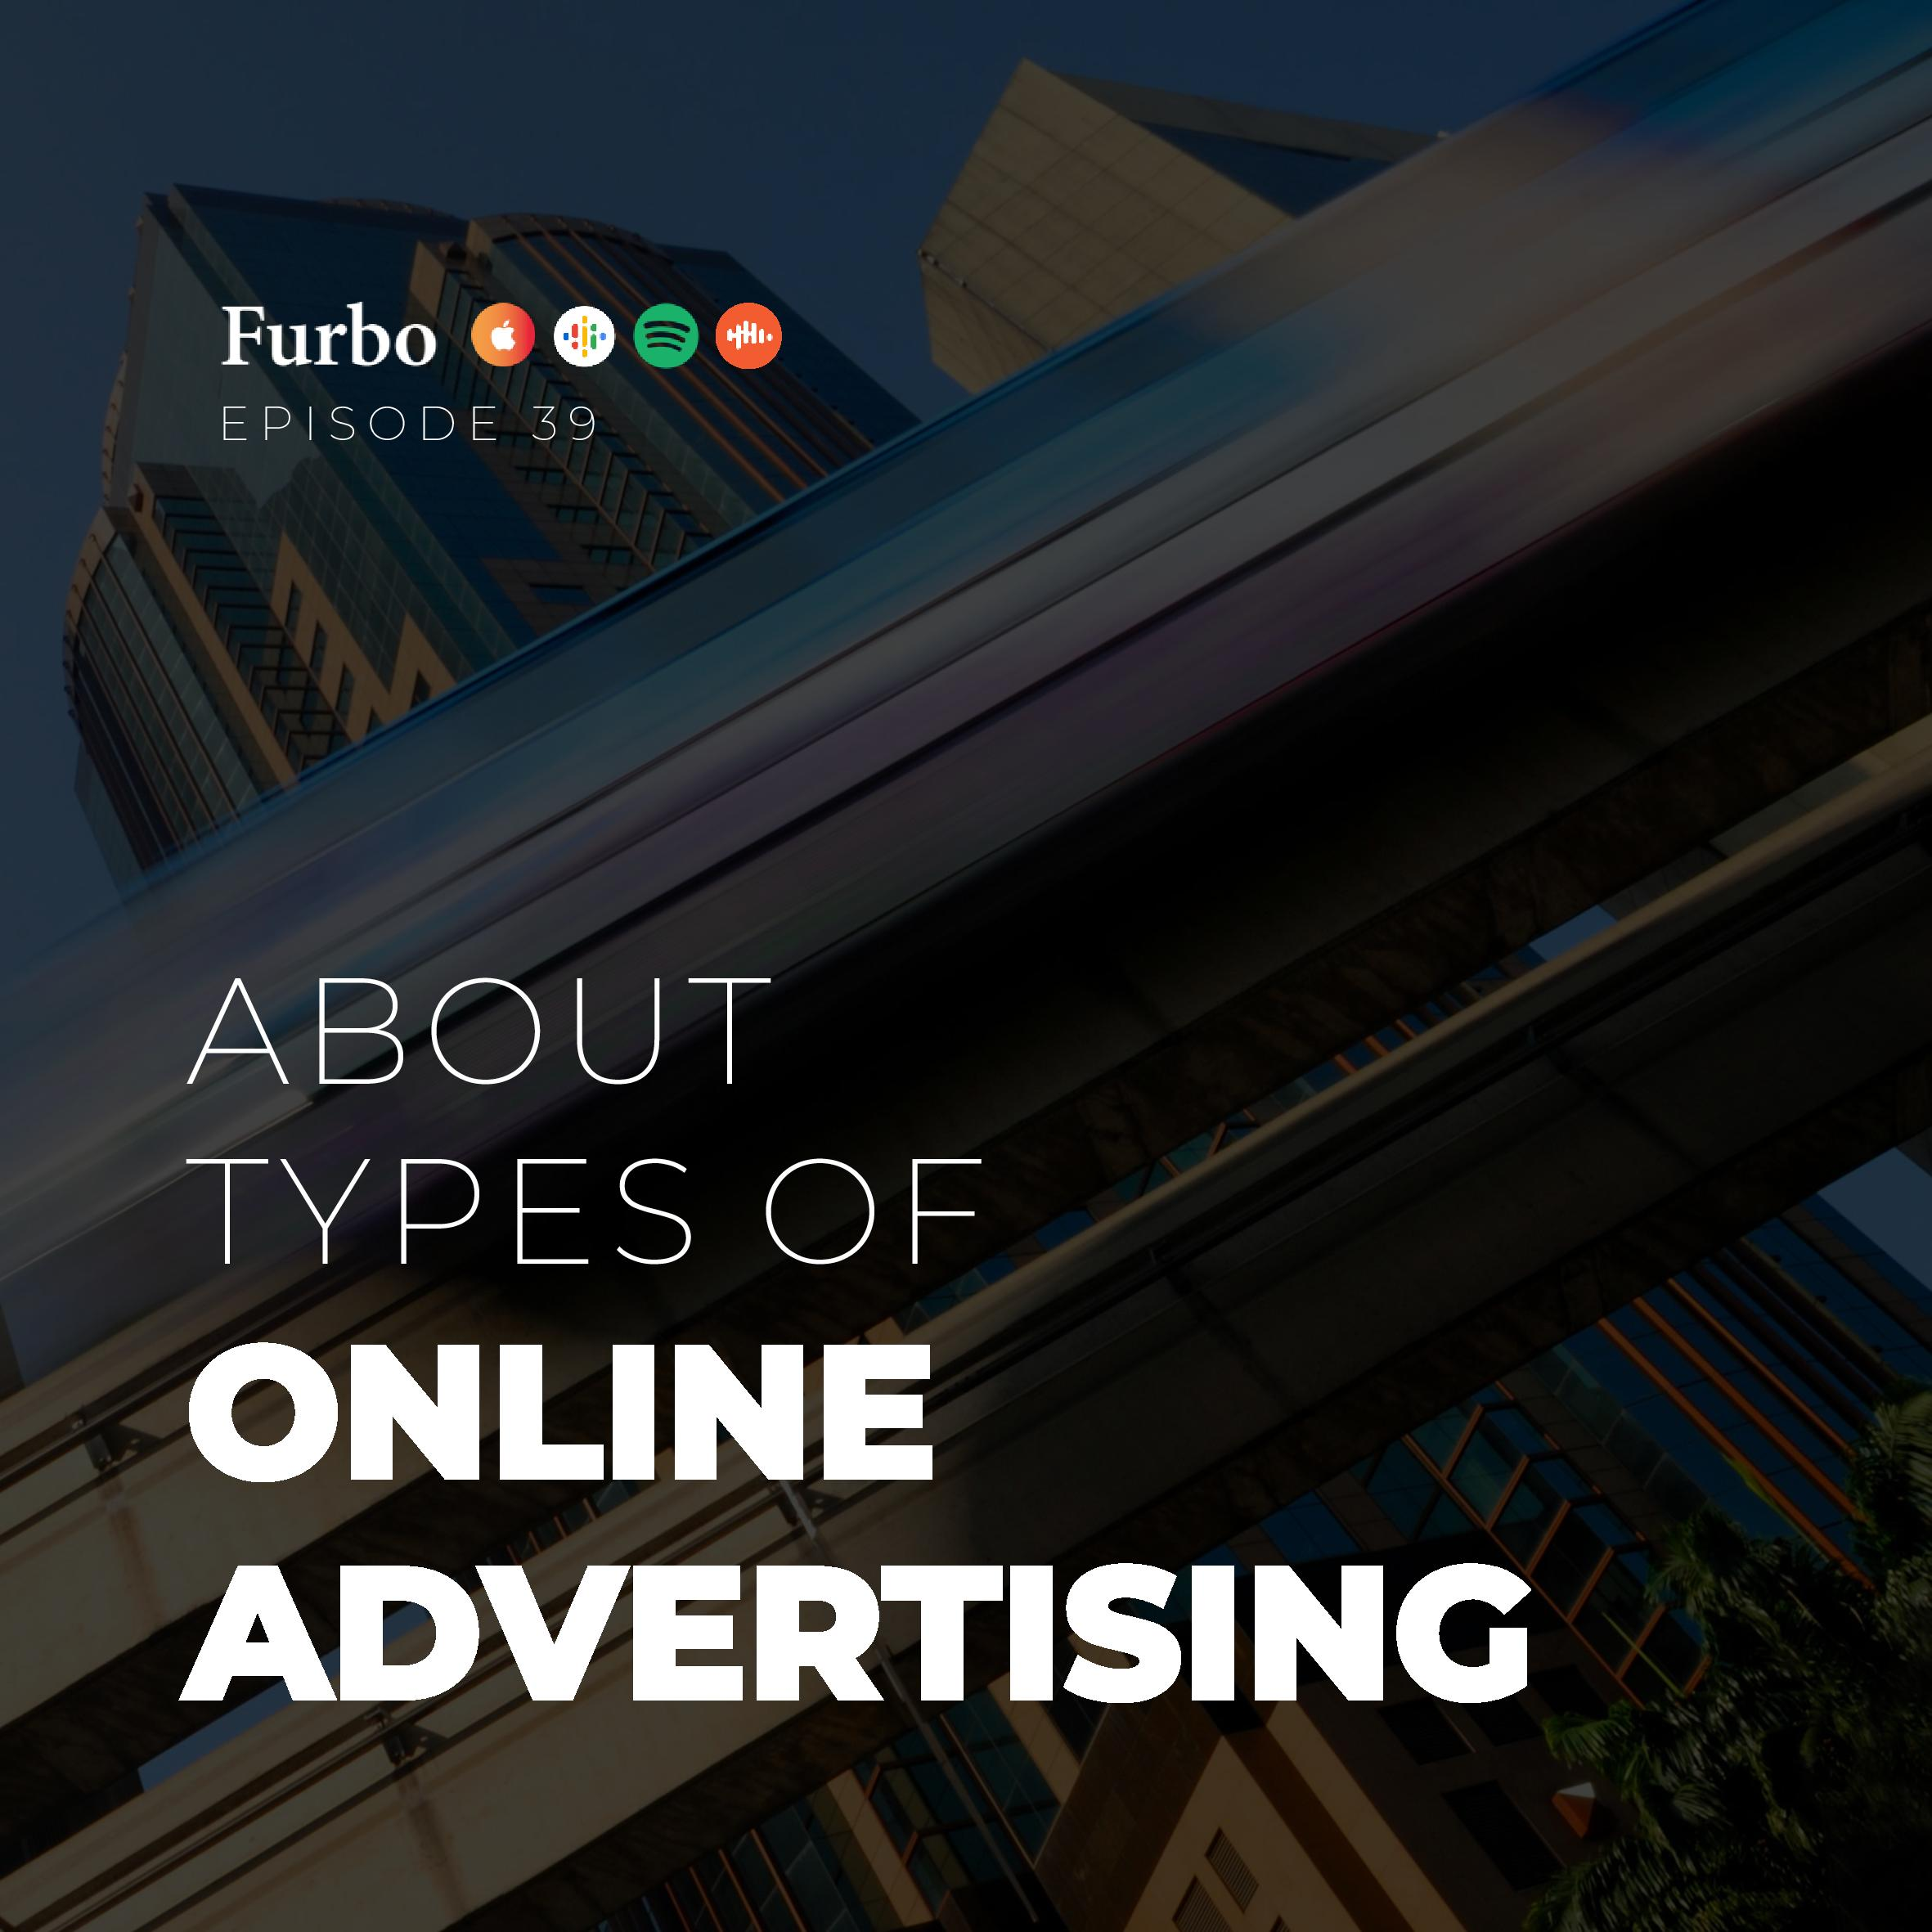 E39: Types of Advertising | قسمت سی و نه: انواع تبلیغات آنلاین